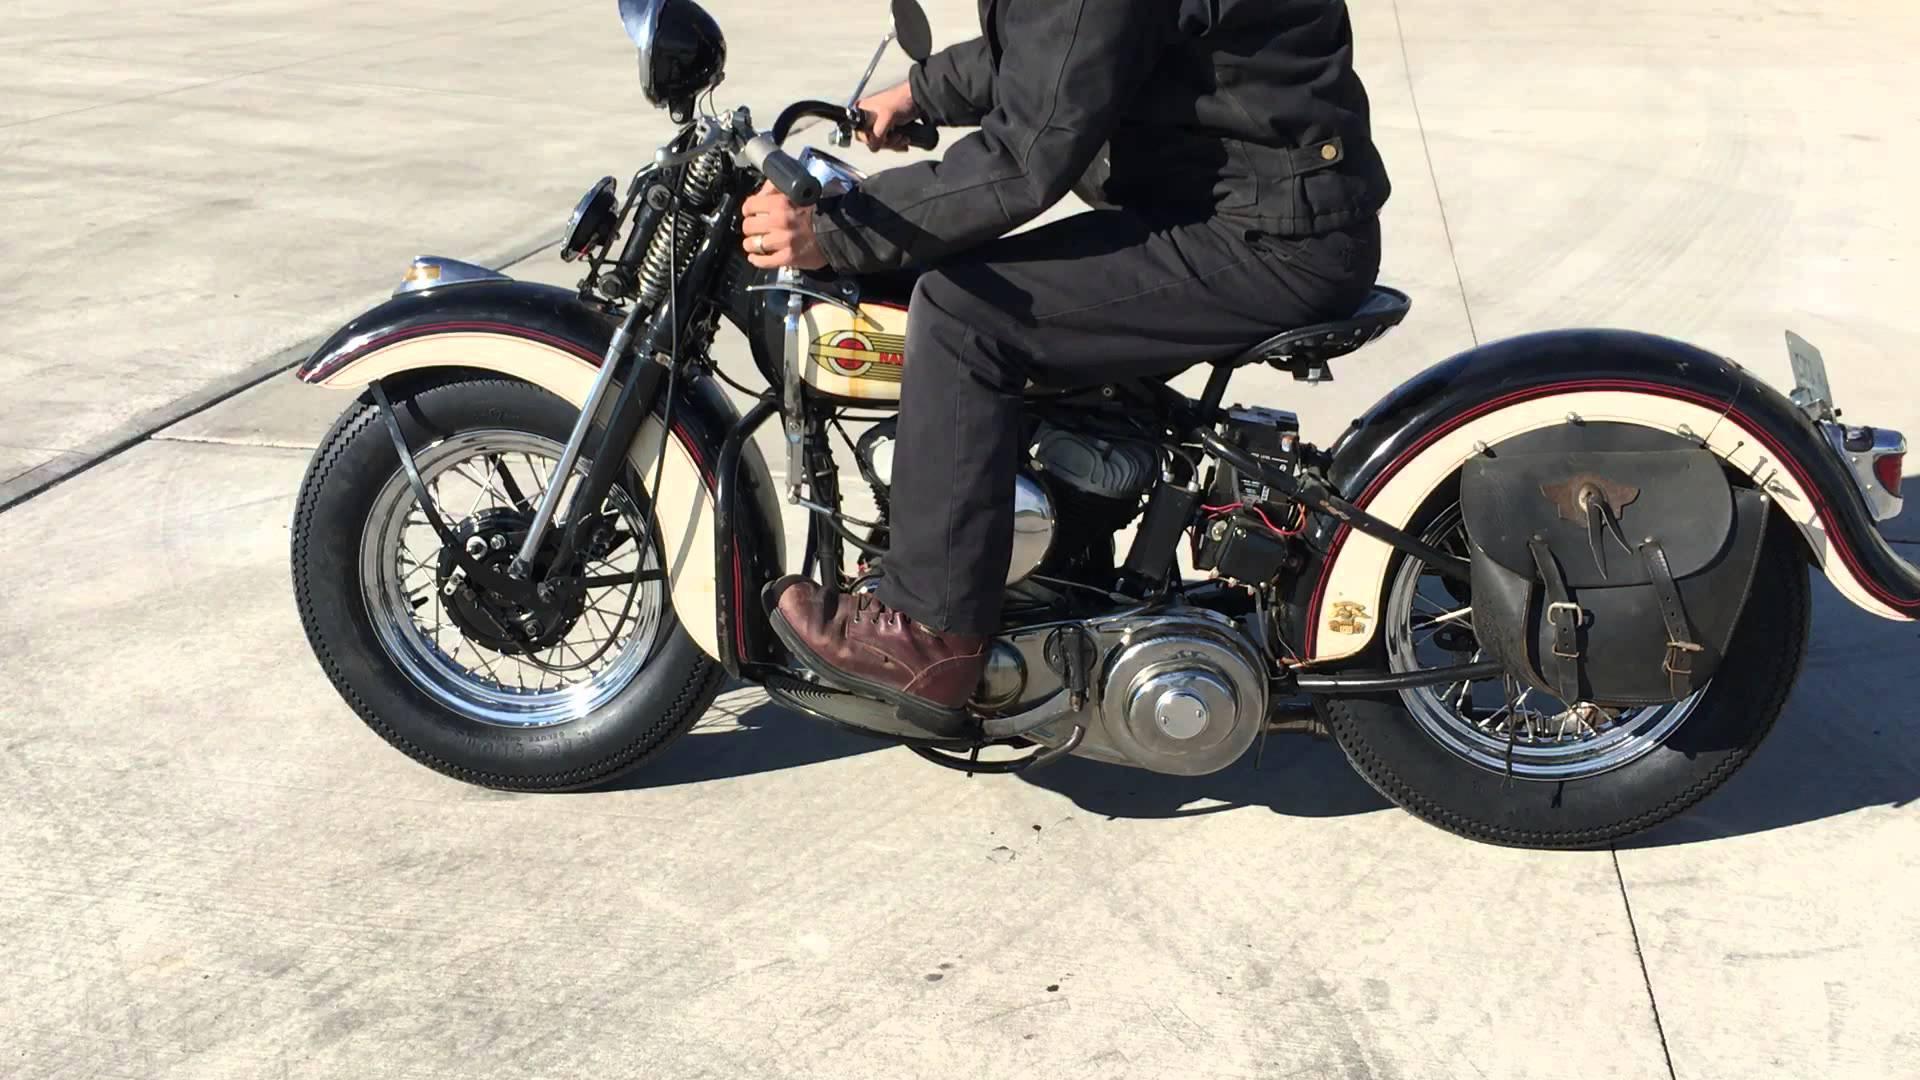 1939 Harley-Davidson WLD motor for sale MOV1 - YouTube